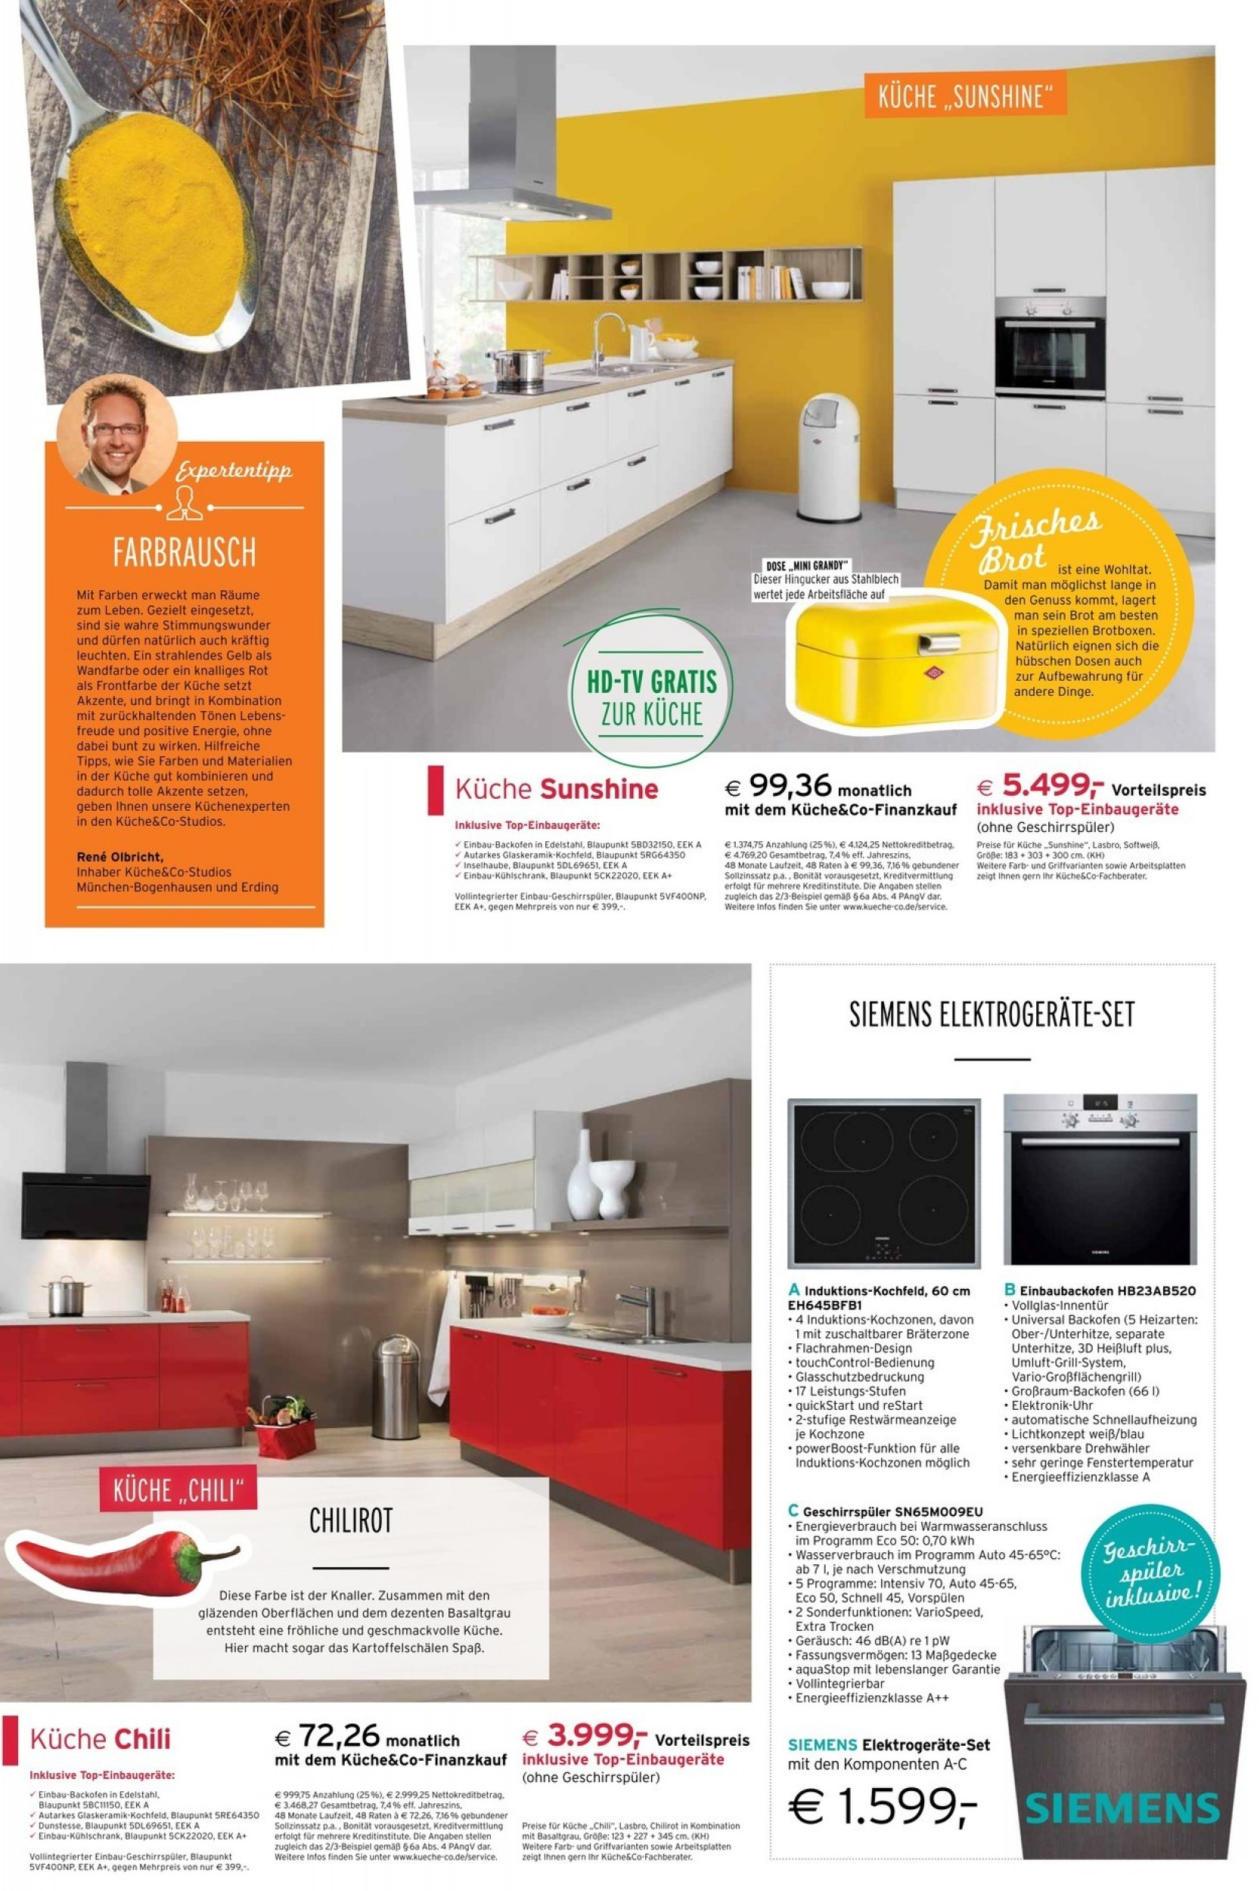 poco k che prospekt elegante interior design di lusso per la casa. Black Bedroom Furniture Sets. Home Design Ideas